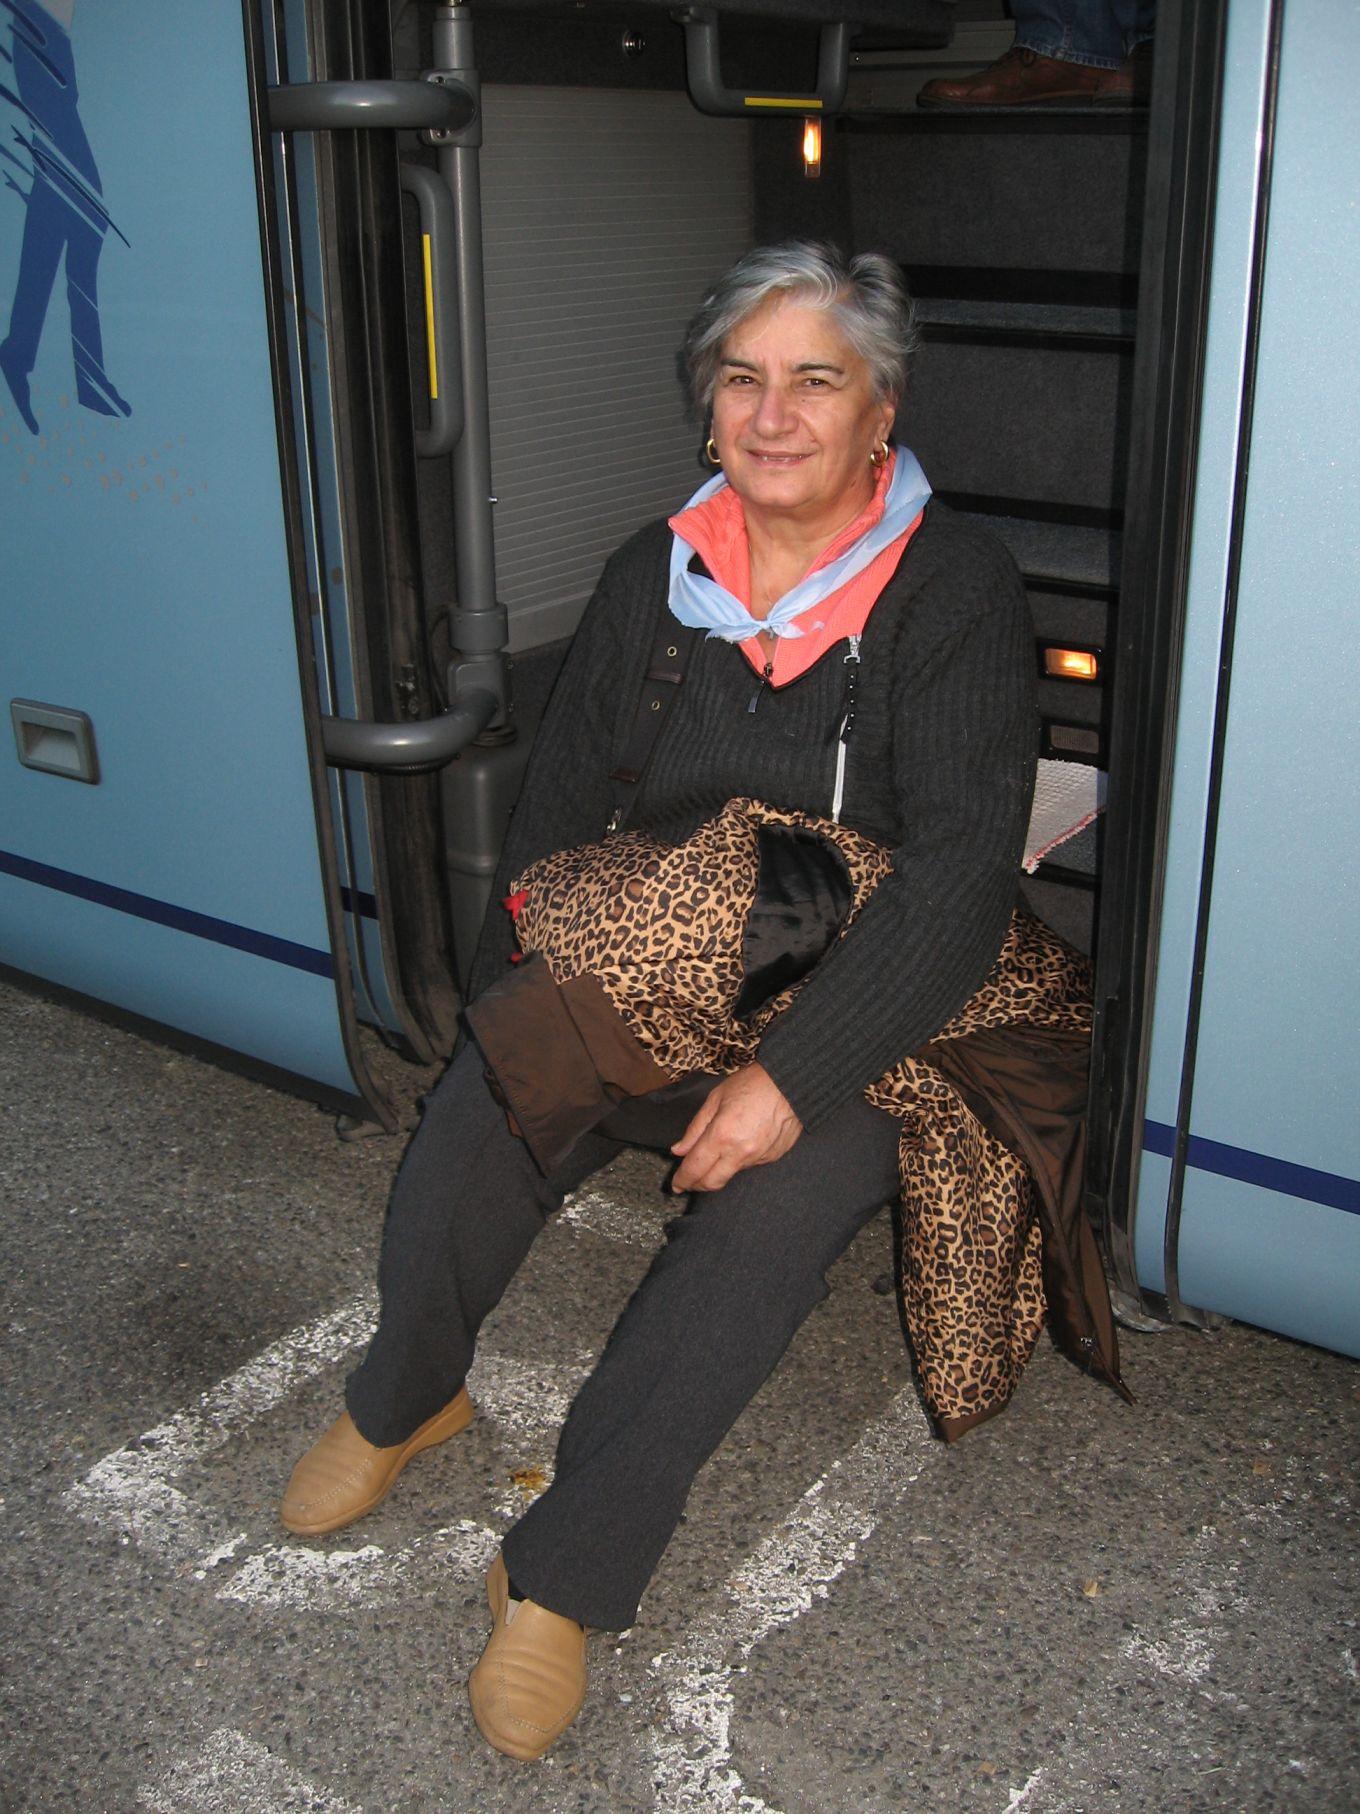 Lourdes-2008-10-26--18.39.28.jpg